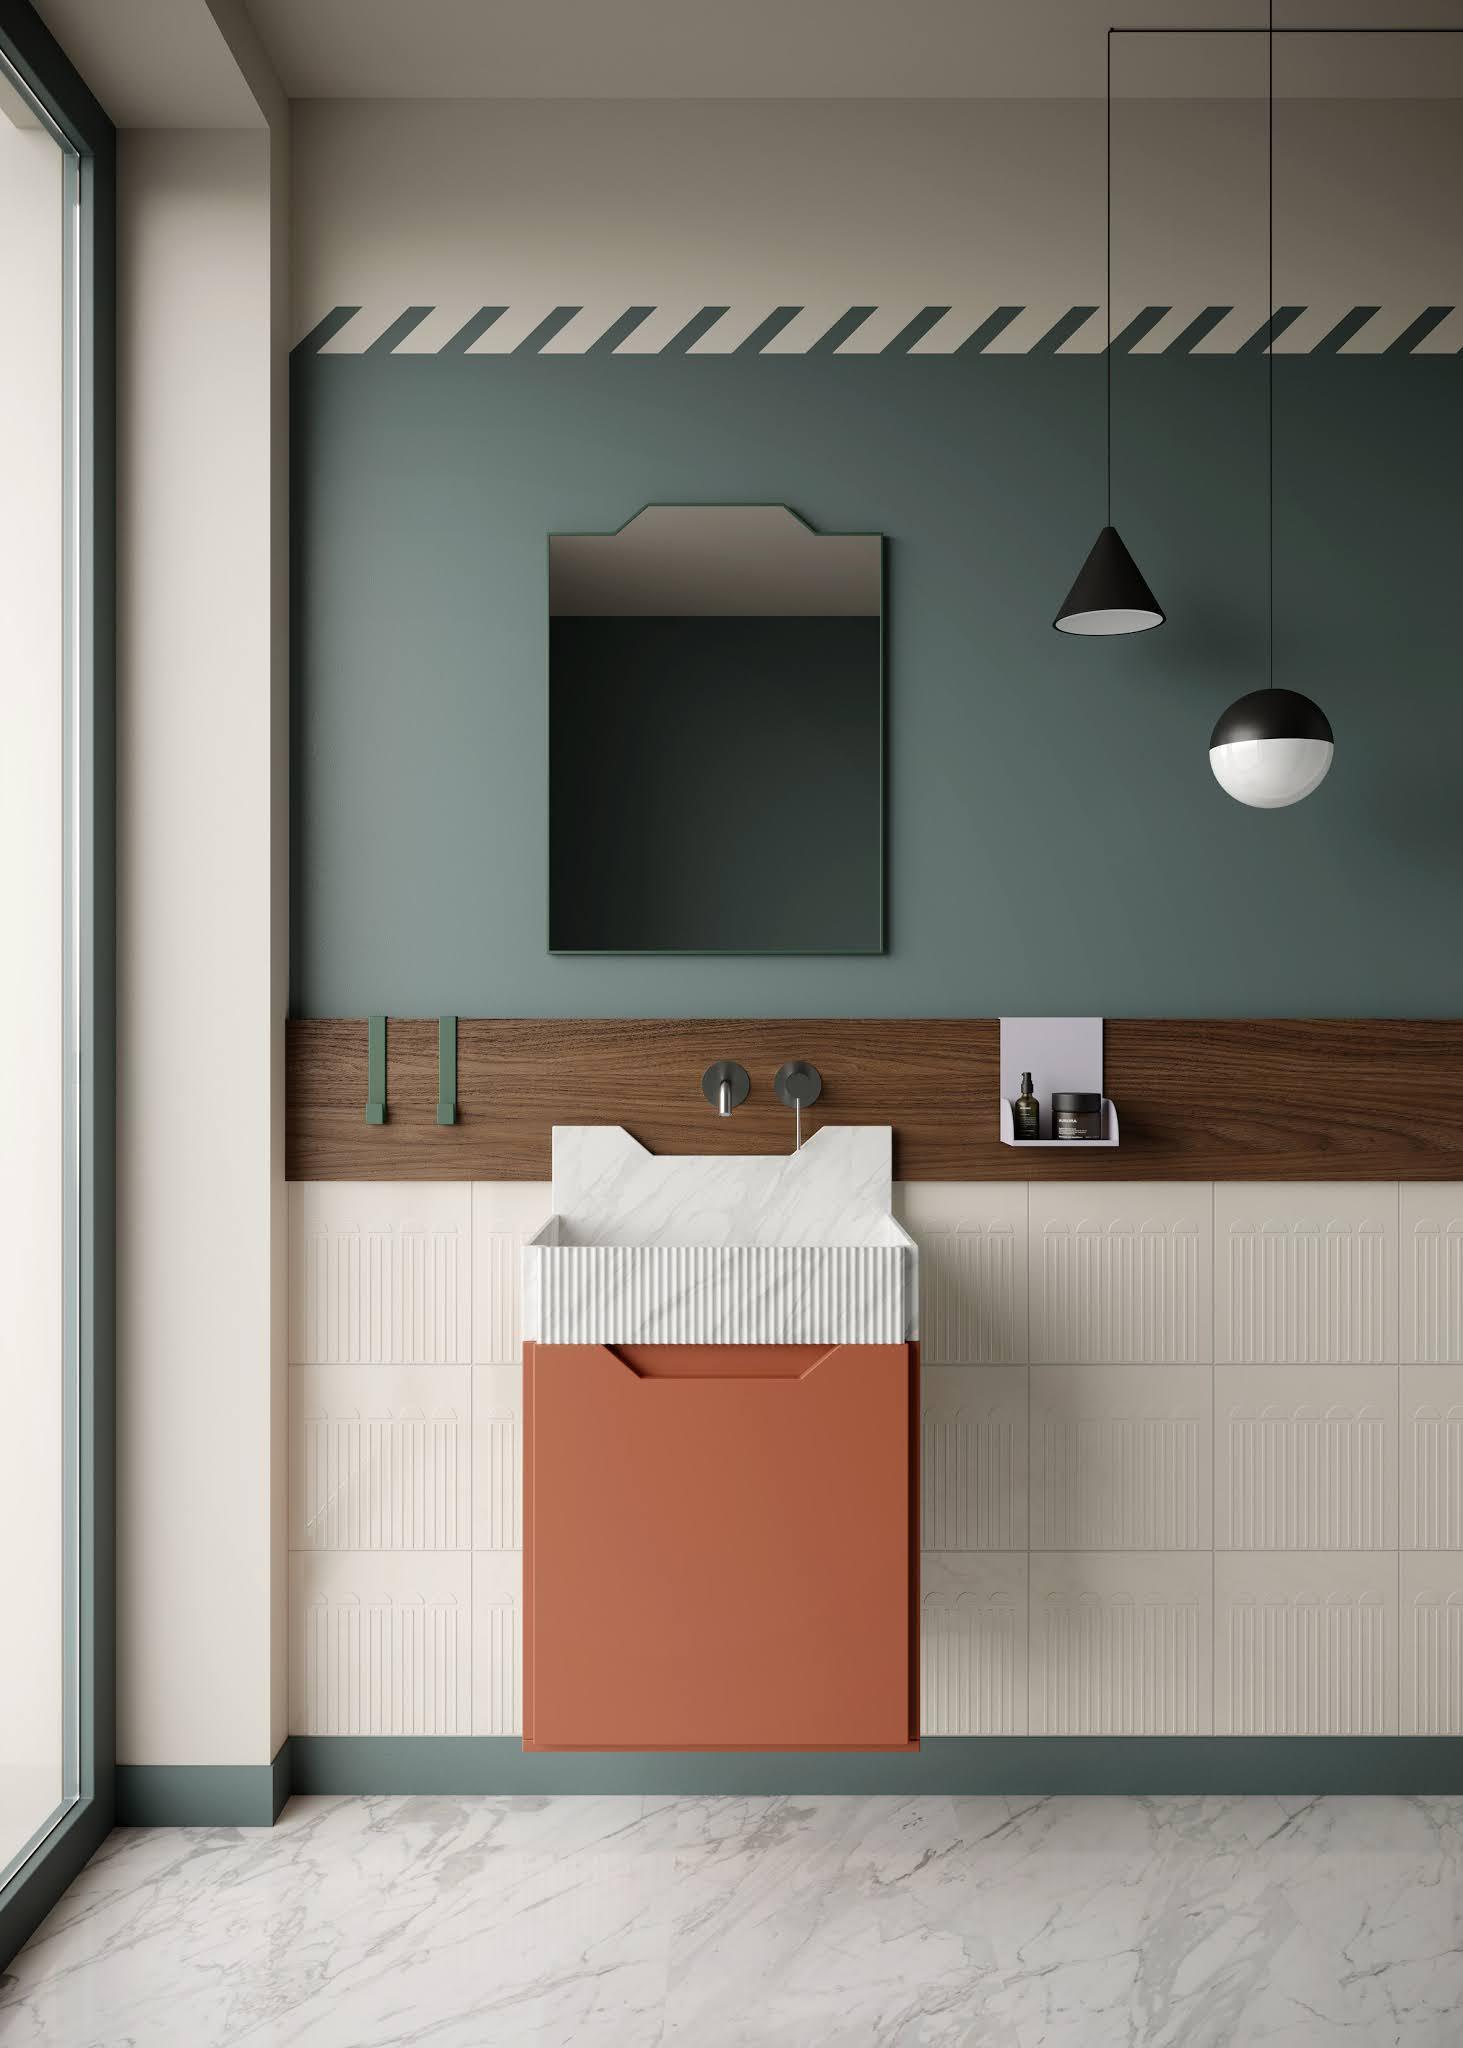 ilaria fatone inspirations - une salle de bains à l'allure futuriste